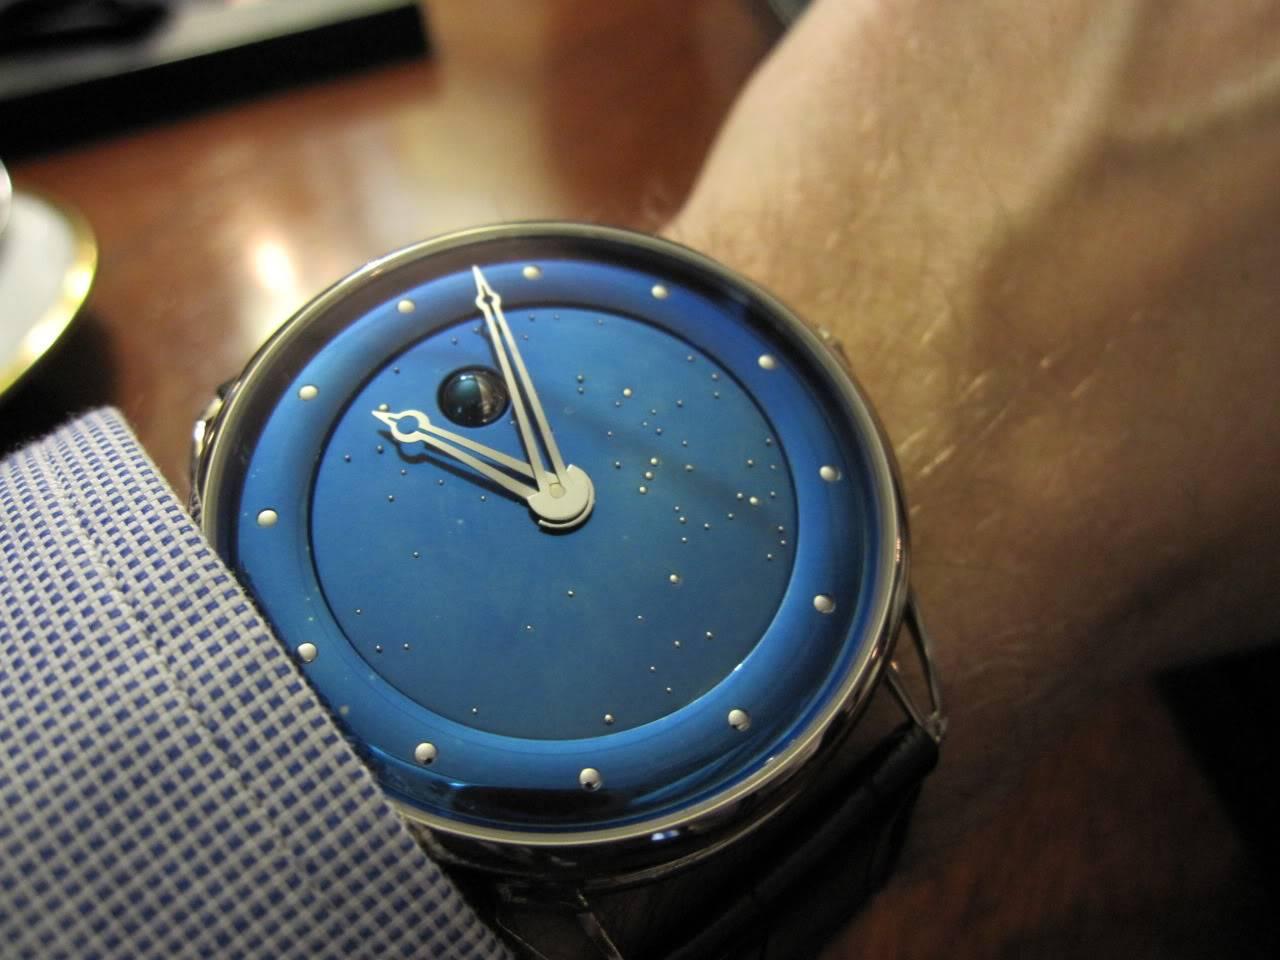 Où l'horlogerie devient art... (De Bethune inside) DB_SIHH2010_004